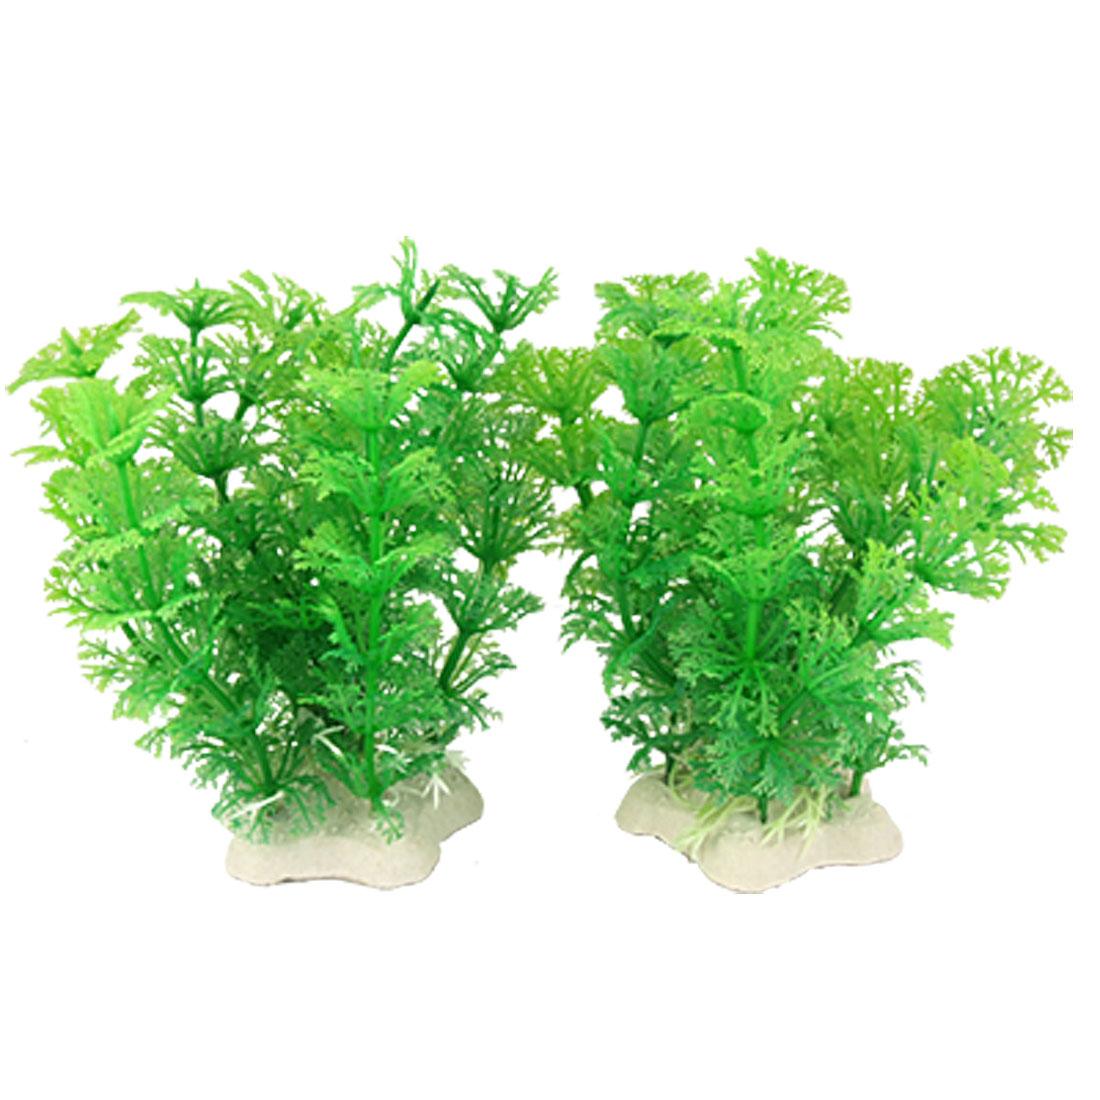 Aquarium 2 Pcs Emulational Green Plastic Plant Decor